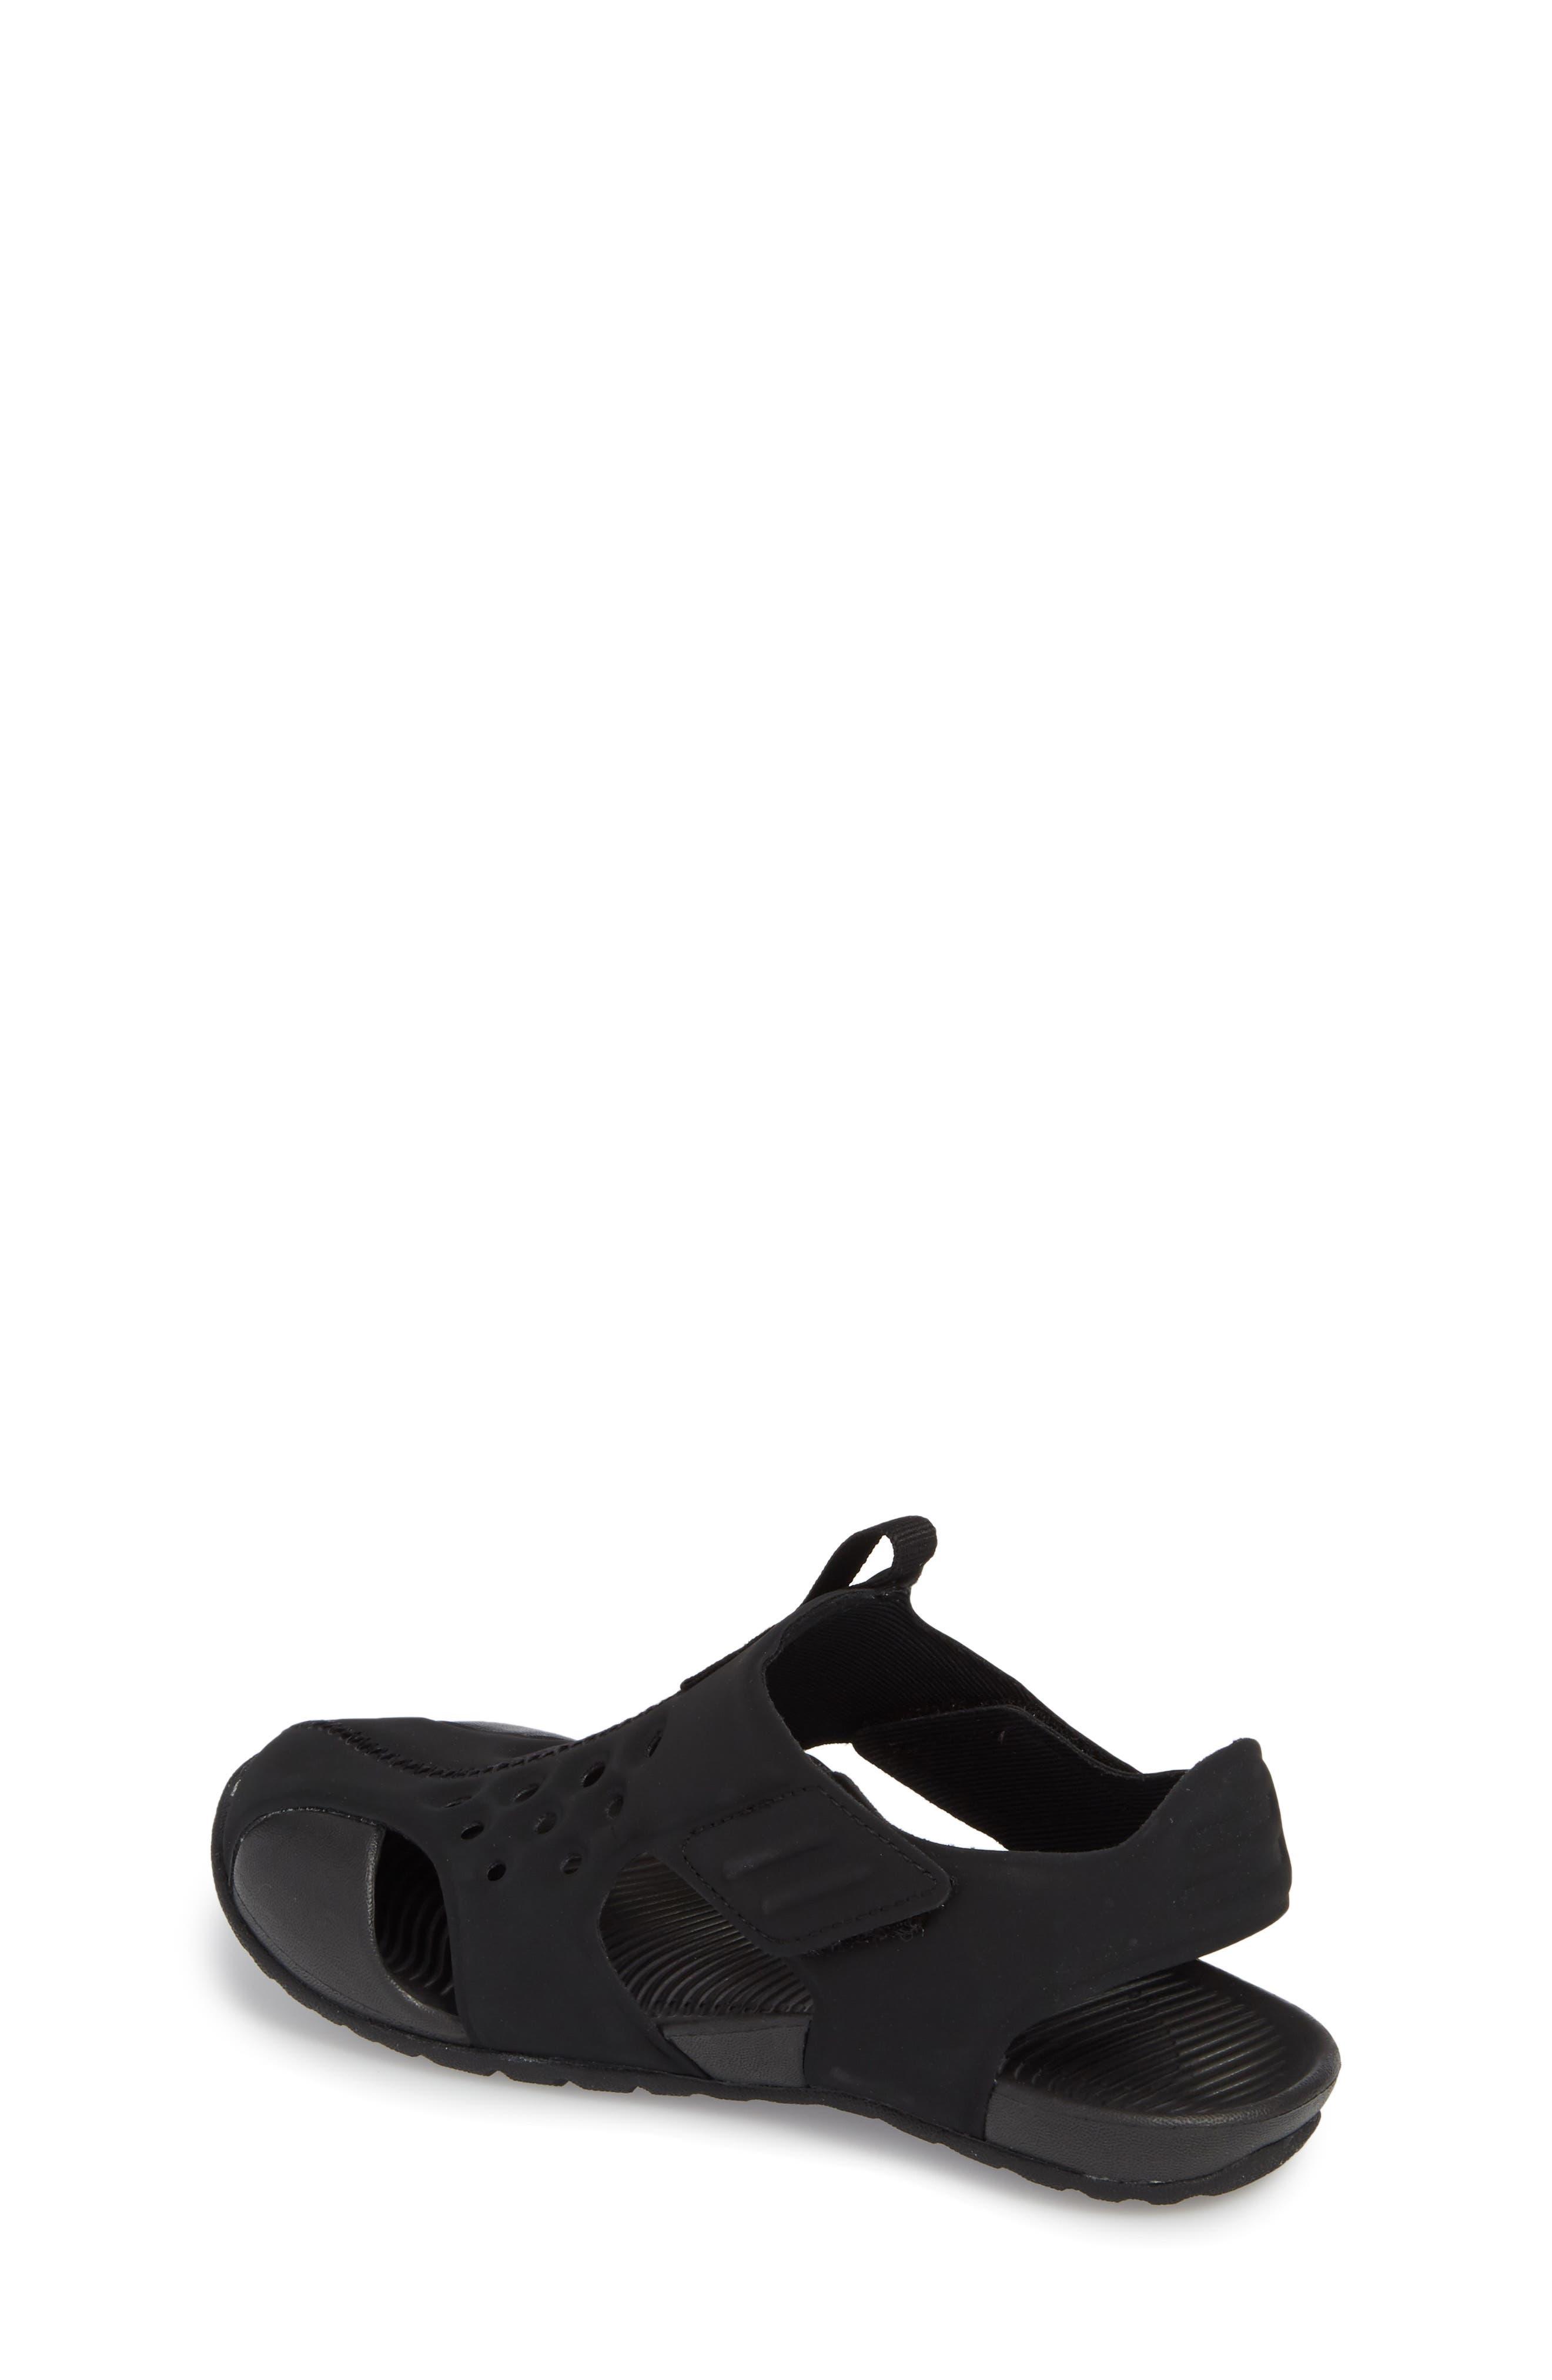 NIKE, Sunray Protect 2 Sandal, Alternate thumbnail 2, color, BLACK/ WHITE